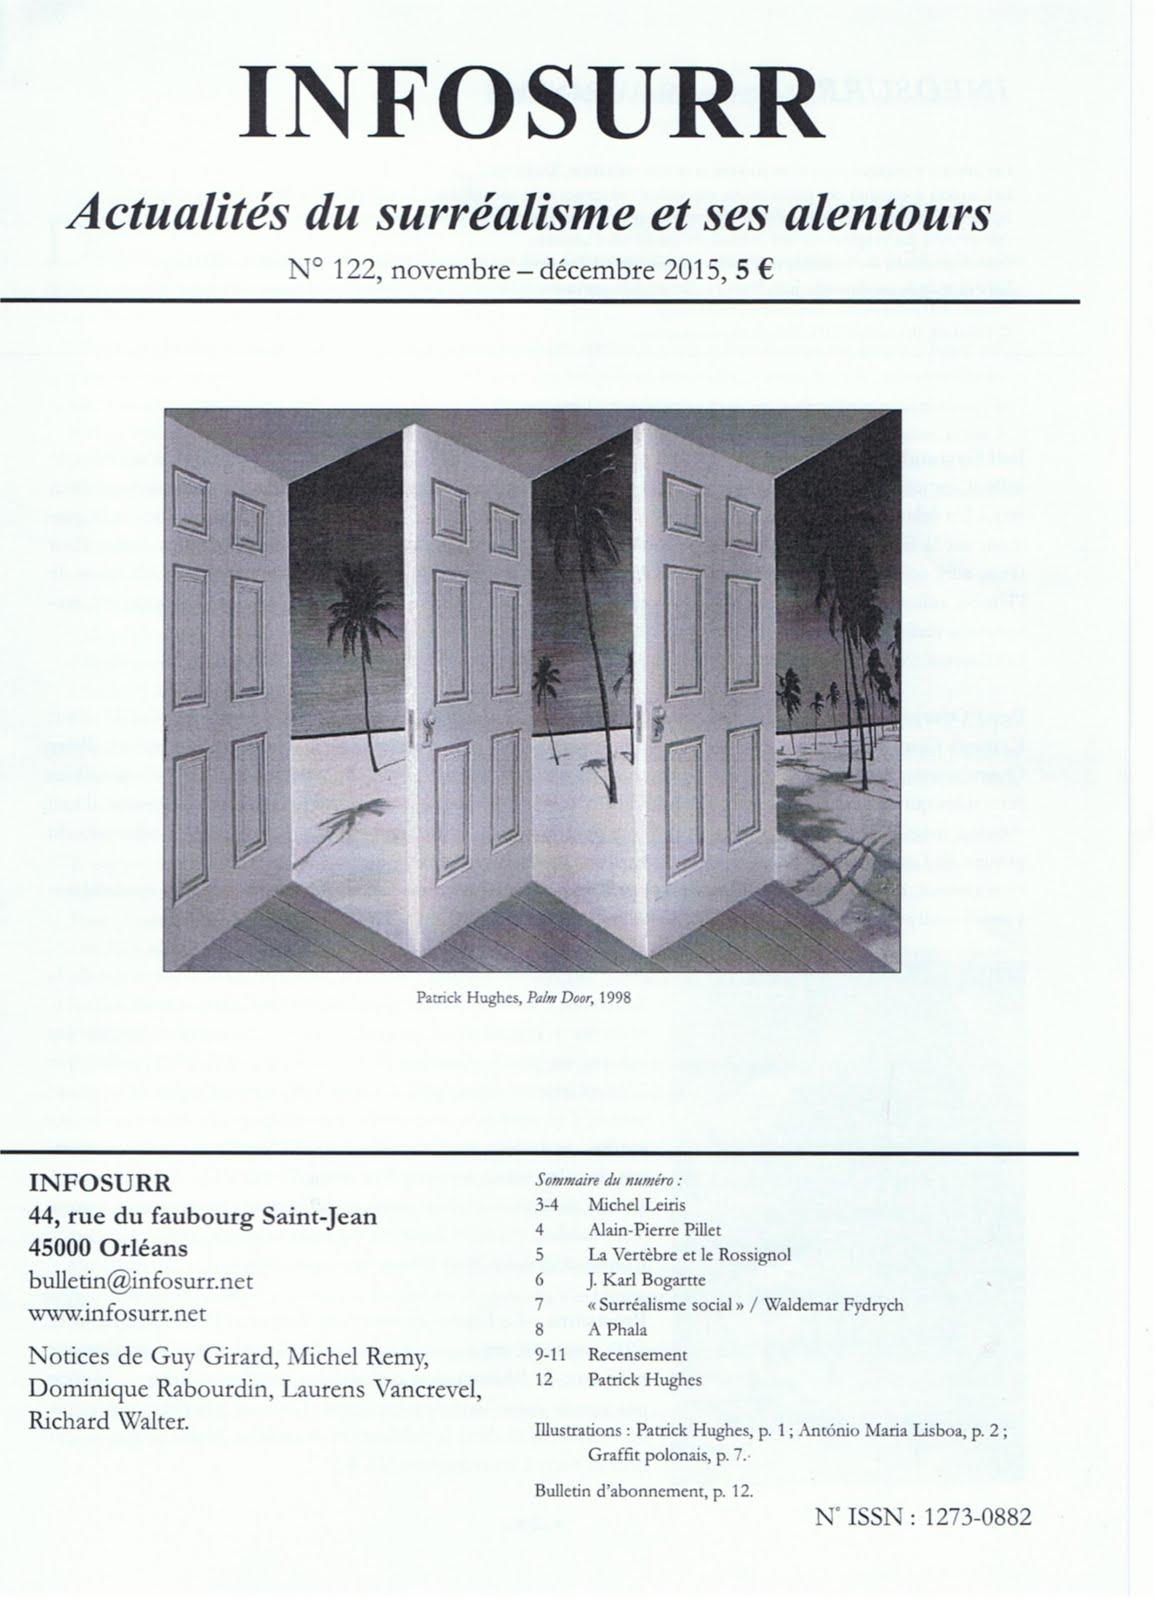 REVUE A PHALA, N° 3, Présentation par Richard WALTER, INFOSURR (Actualités du surréalisme.)